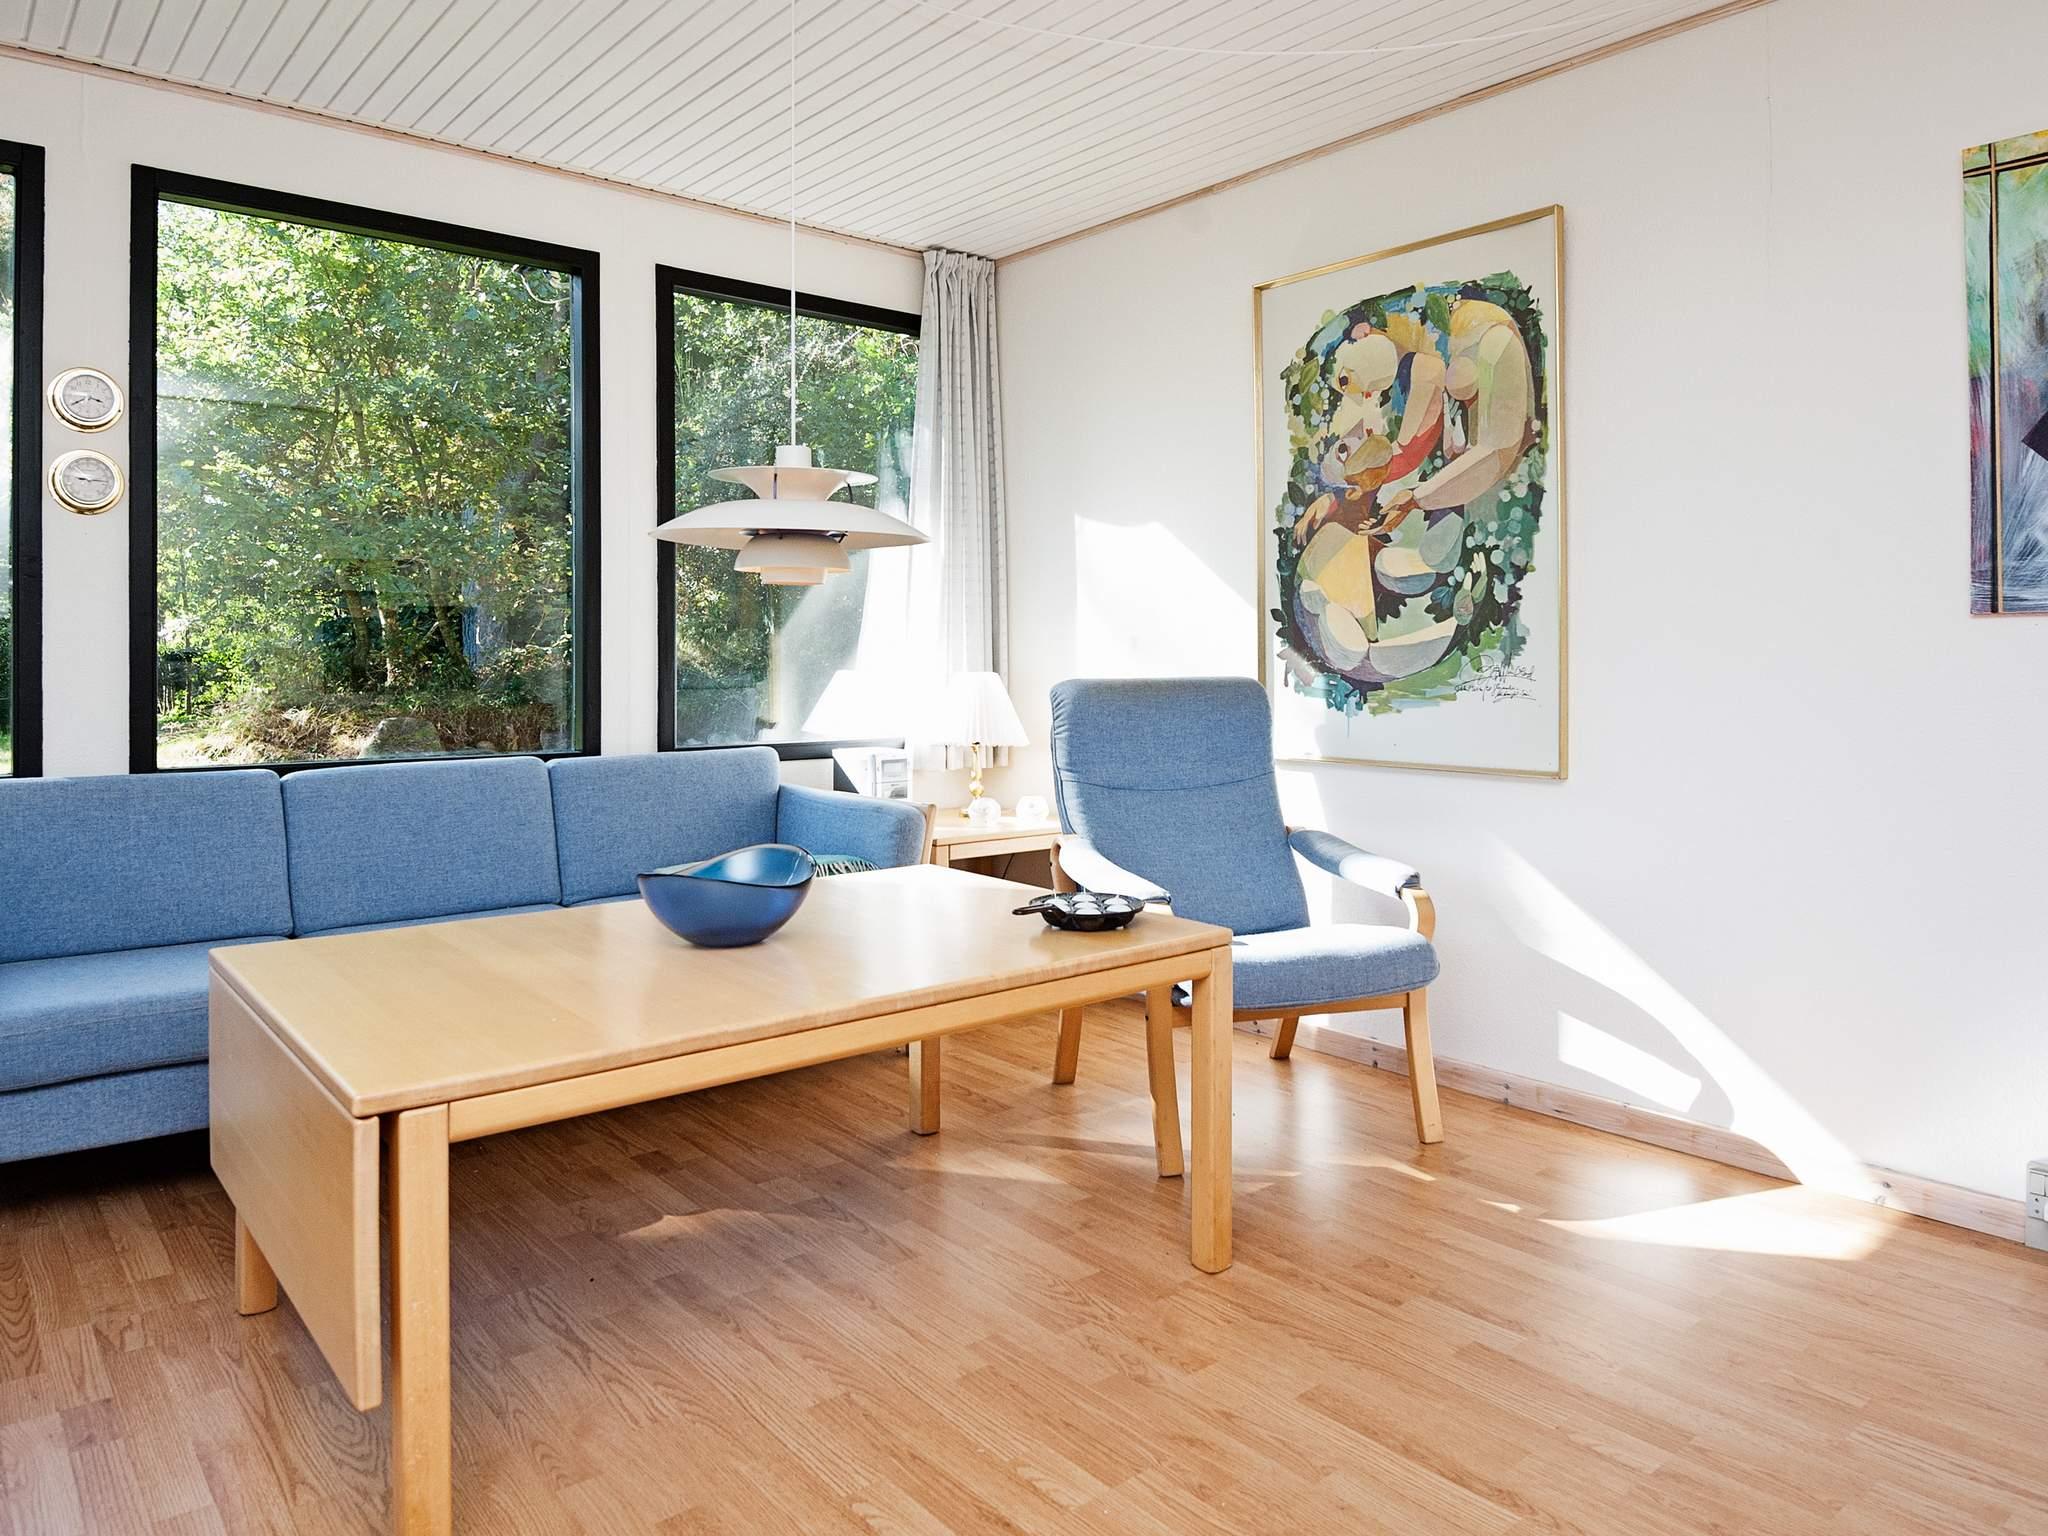 Ferienhaus Silkeborg (2002437), Silkeborg, , Ostjütland, Dänemark, Bild 8